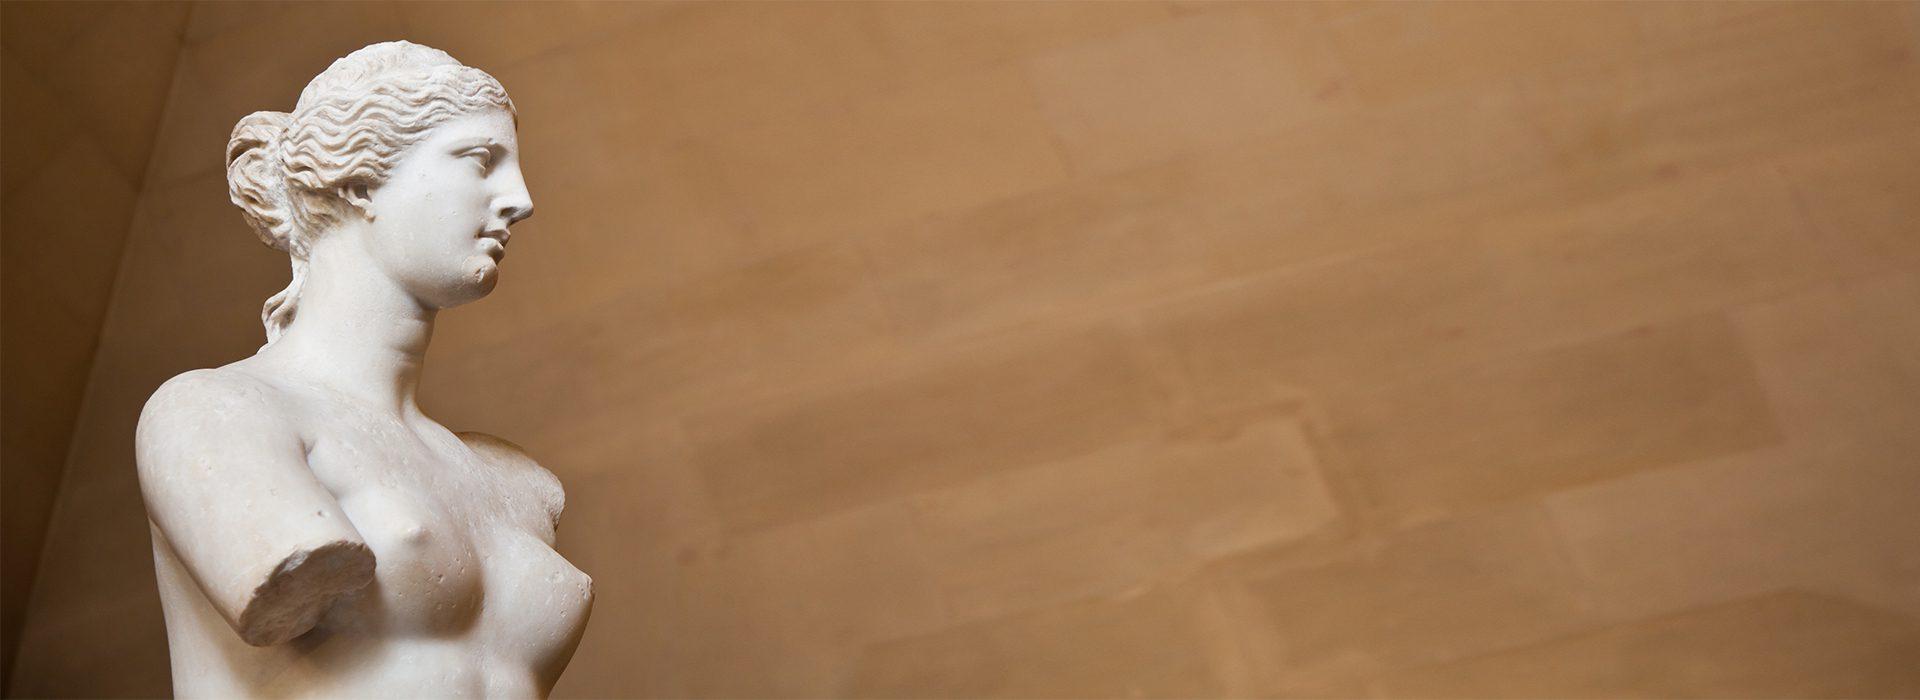 El Manneken Pis cumple 400 años